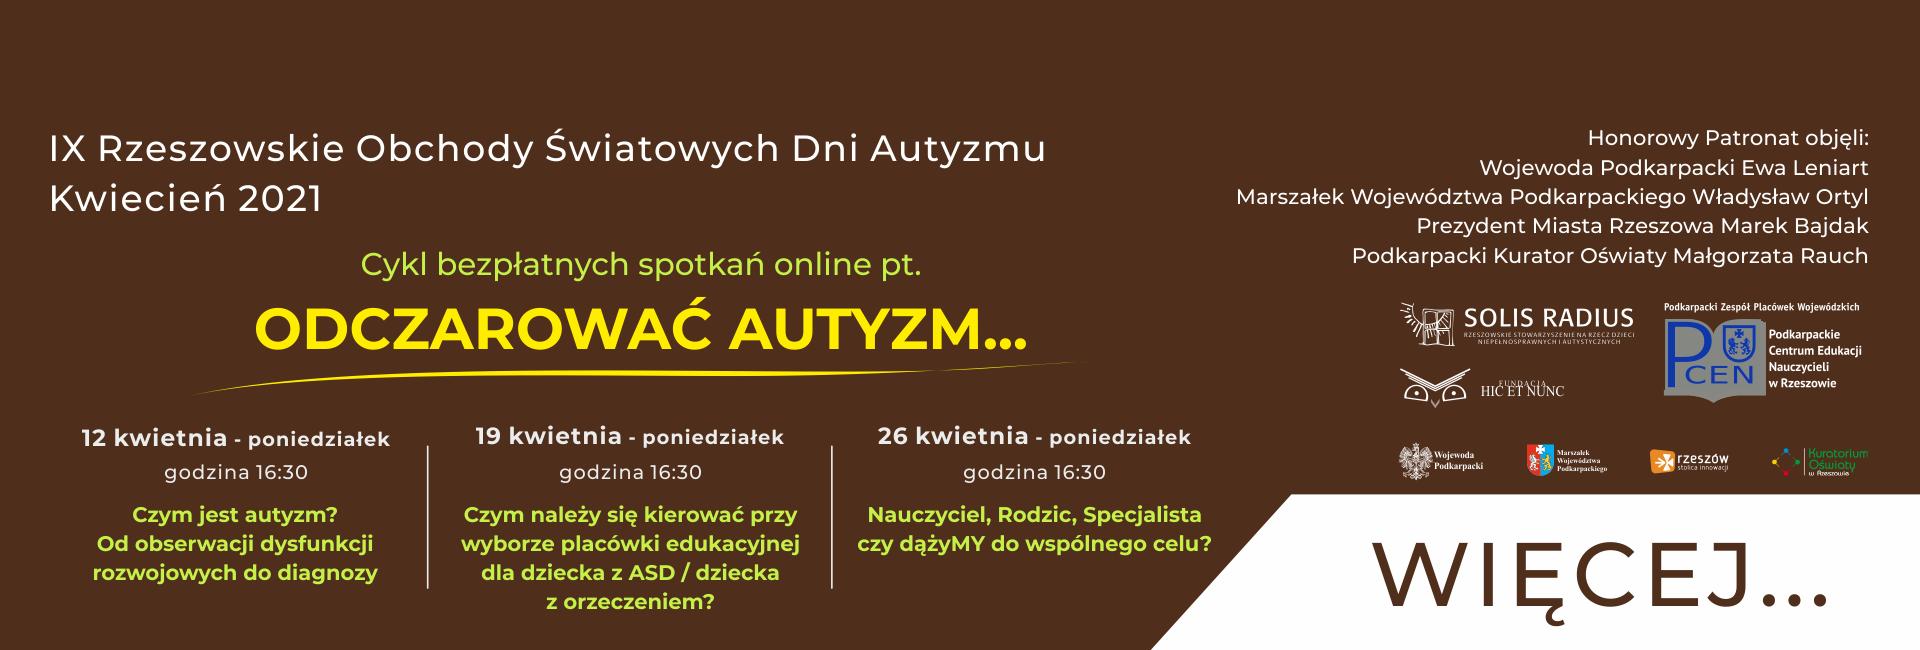 Konferencja naukowa pod patronatem Prezydenta Miasta Tarnobrzega Osoba z autyzmem - jej mocne strony i ograniczenia 14 kwietnia 2021